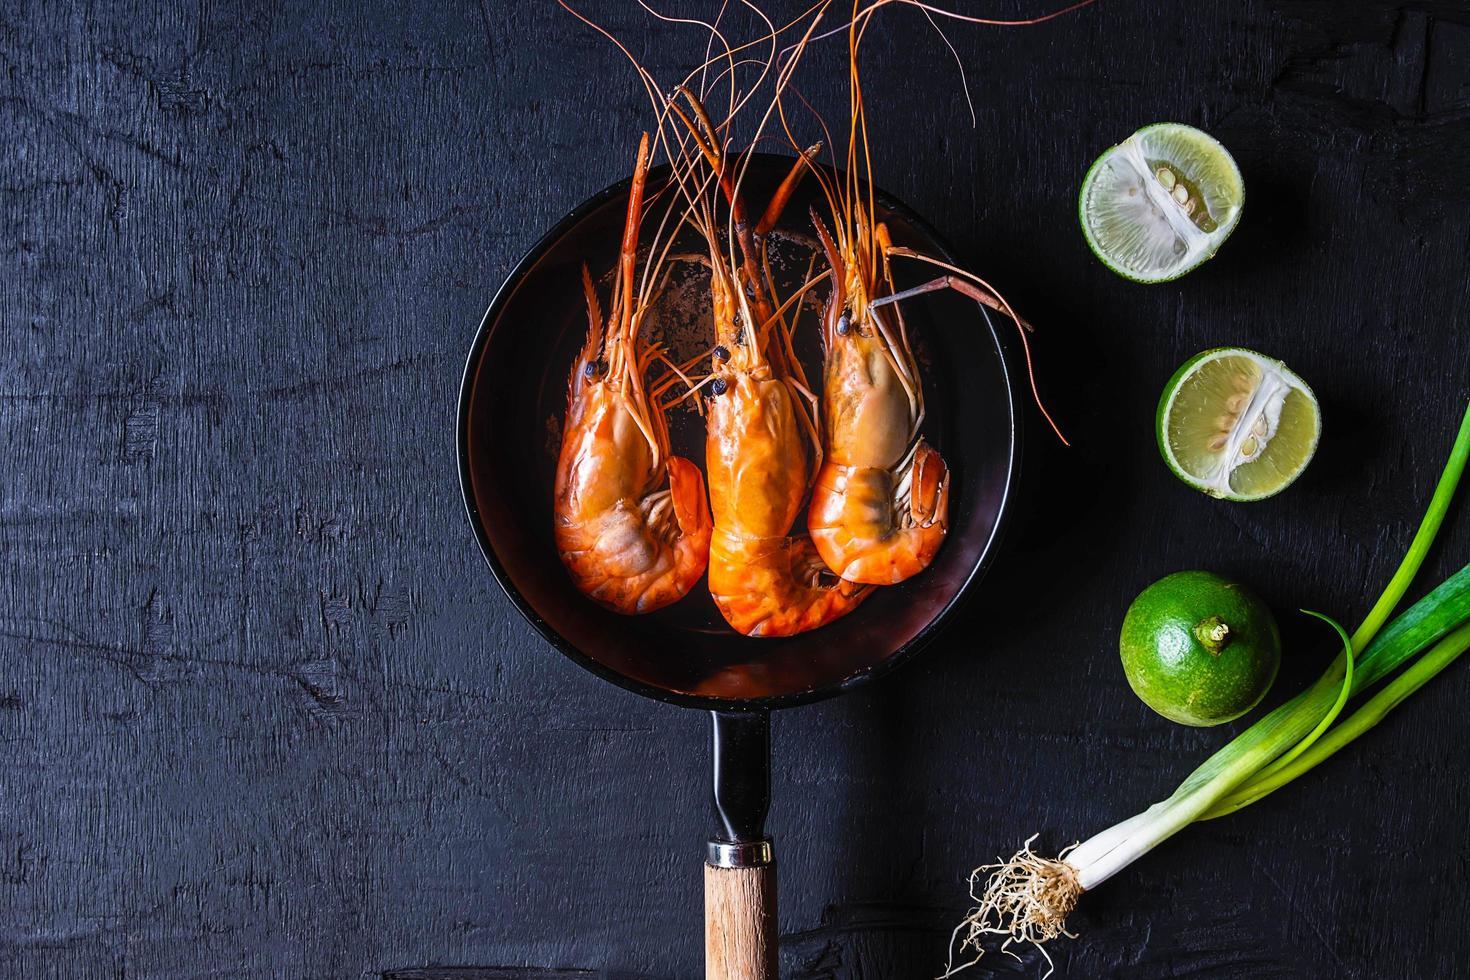 crevettes dans une casserole photo